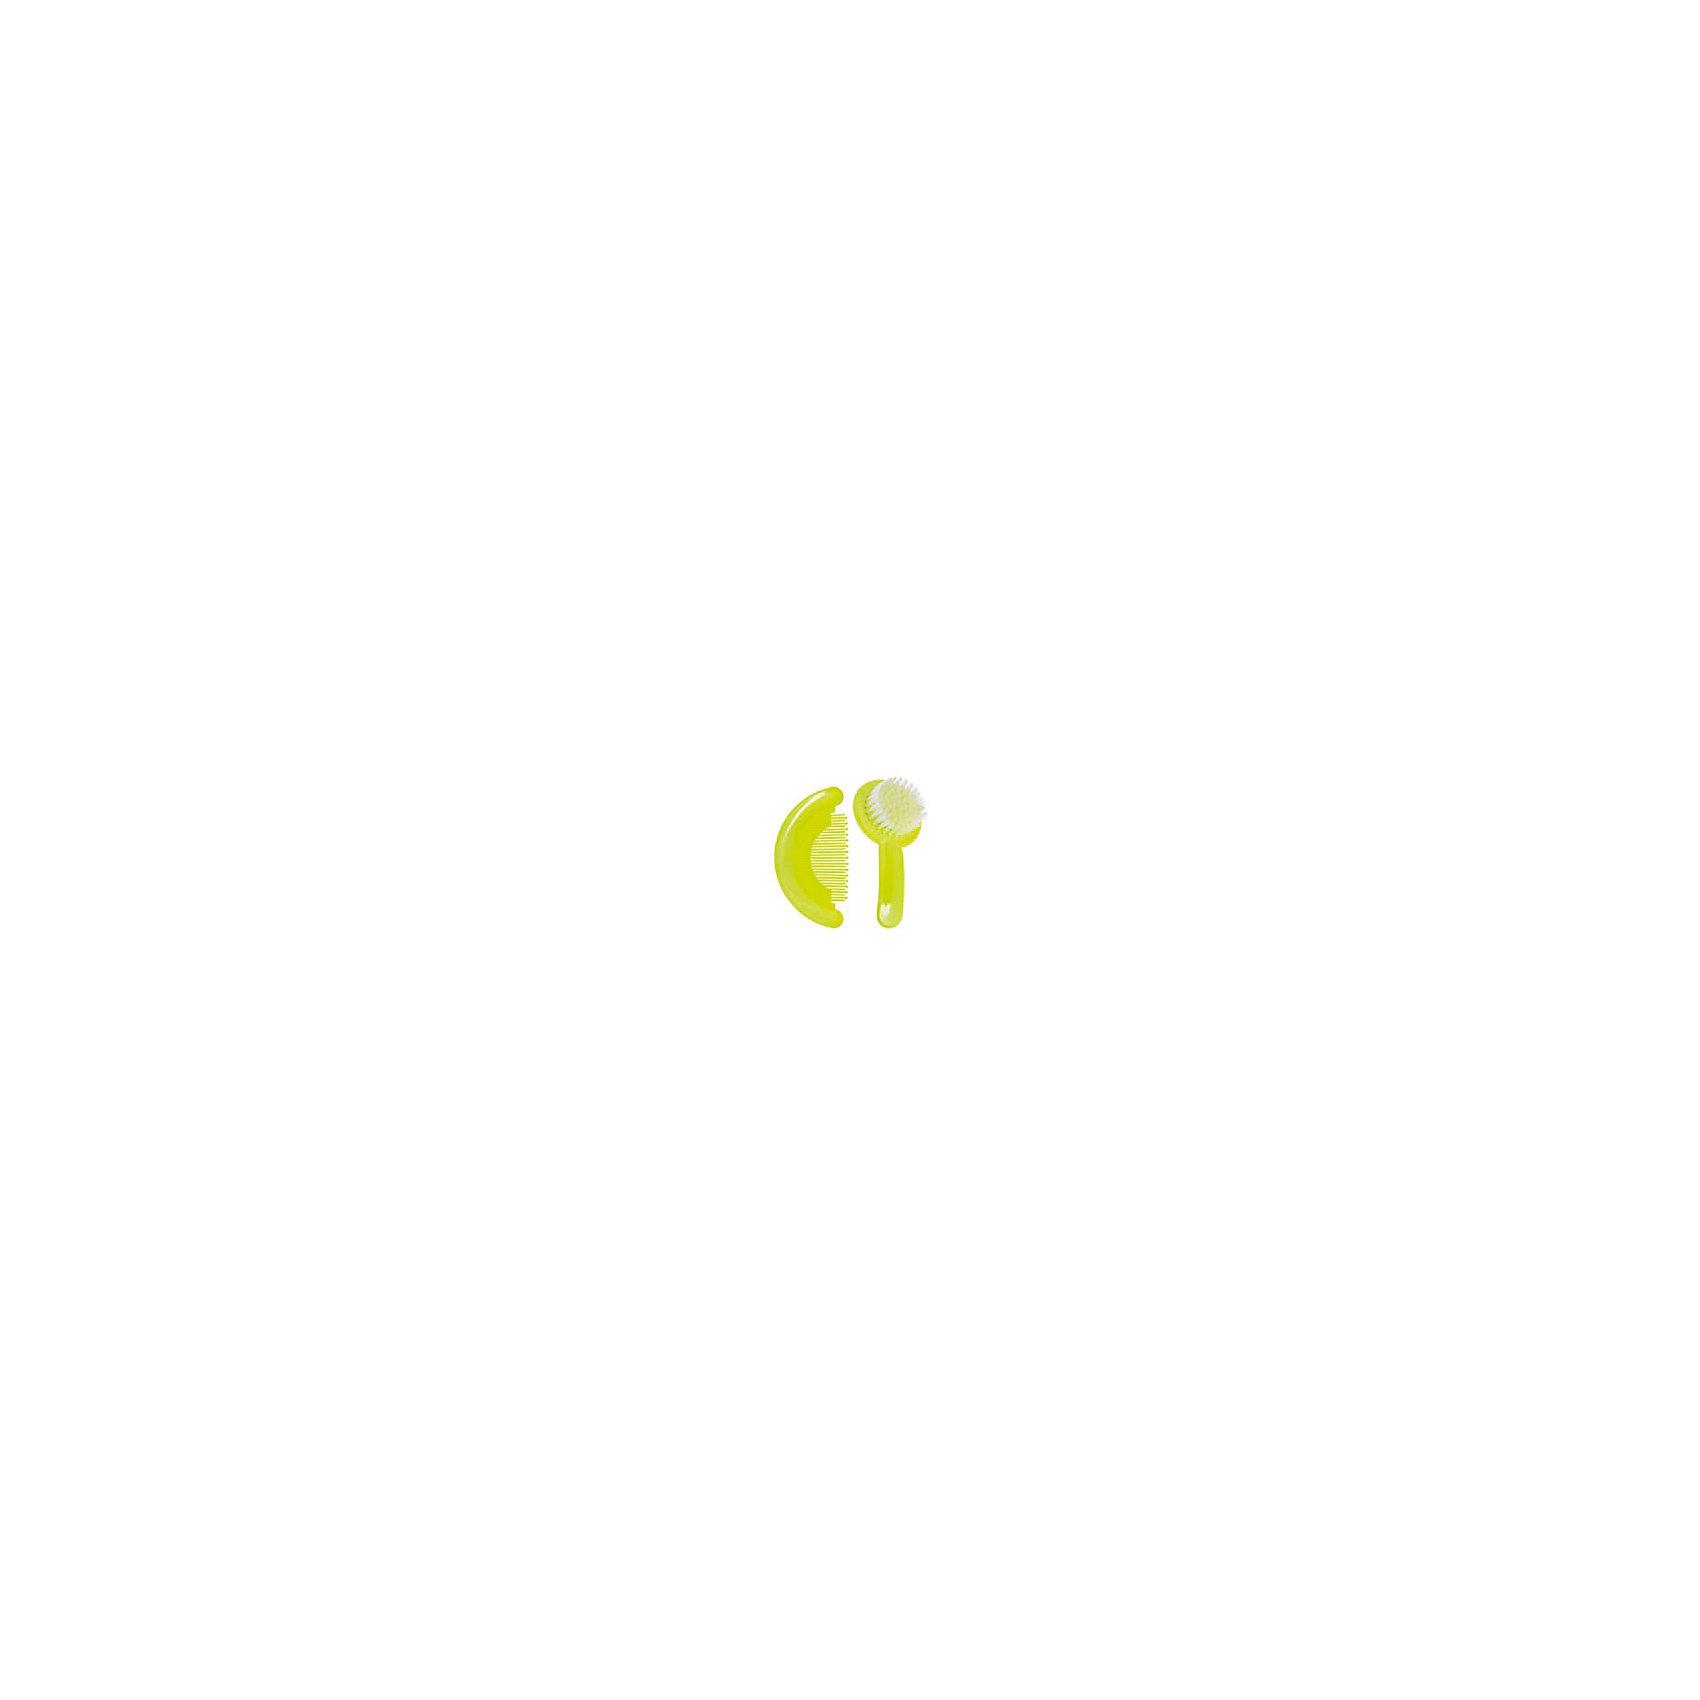 Набор: расческа и щетка, Kurnosiki, зеленыйХарактеристики:<br><br>• Наименование: расческа и щетка<br>• Материал: пластик, нейлон<br>• Пол: универсальный<br>• Цвет: зеленый, фиолетовый<br>• Рисунок: цветок<br>• Комплектация: расческа, щетка<br>• Мягкая щетина и закругленные зубцы<br>• Отсутствие острых углов<br>• Вес: 68 г<br>• Параметры (Д*Ш*В): 15*3*11 см <br>• Особенности ухода: сухая и влажная чистка<br><br>Набор: расческа и щетка, Kurnosiki, зеленый выполнены из гипоаллергенных материалов, которые не раздражают нежную кожу малыша. Расческа выполнена в форме гребня, зубцы имеют закругленные концы, благодаря чему можно быстро и без особых усилий привести в порядок детские волосики. У щетки щетина выполнена из нейлона средней жесткости, что обеспечивает легкий массаж кожи головы. Набор выполнен в ярком цвете. <br><br>Набор: расческу и щетку, Kurnosiki, зеленый можно купить в нашем интернет-магазине.<br><br>Ширина мм: 60<br>Глубина мм: 170<br>Высота мм: 190<br>Вес г: 97<br>Возраст от месяцев: 4<br>Возраст до месяцев: 36<br>Пол: Унисекс<br>Возраст: Детский<br>SKU: 5428689